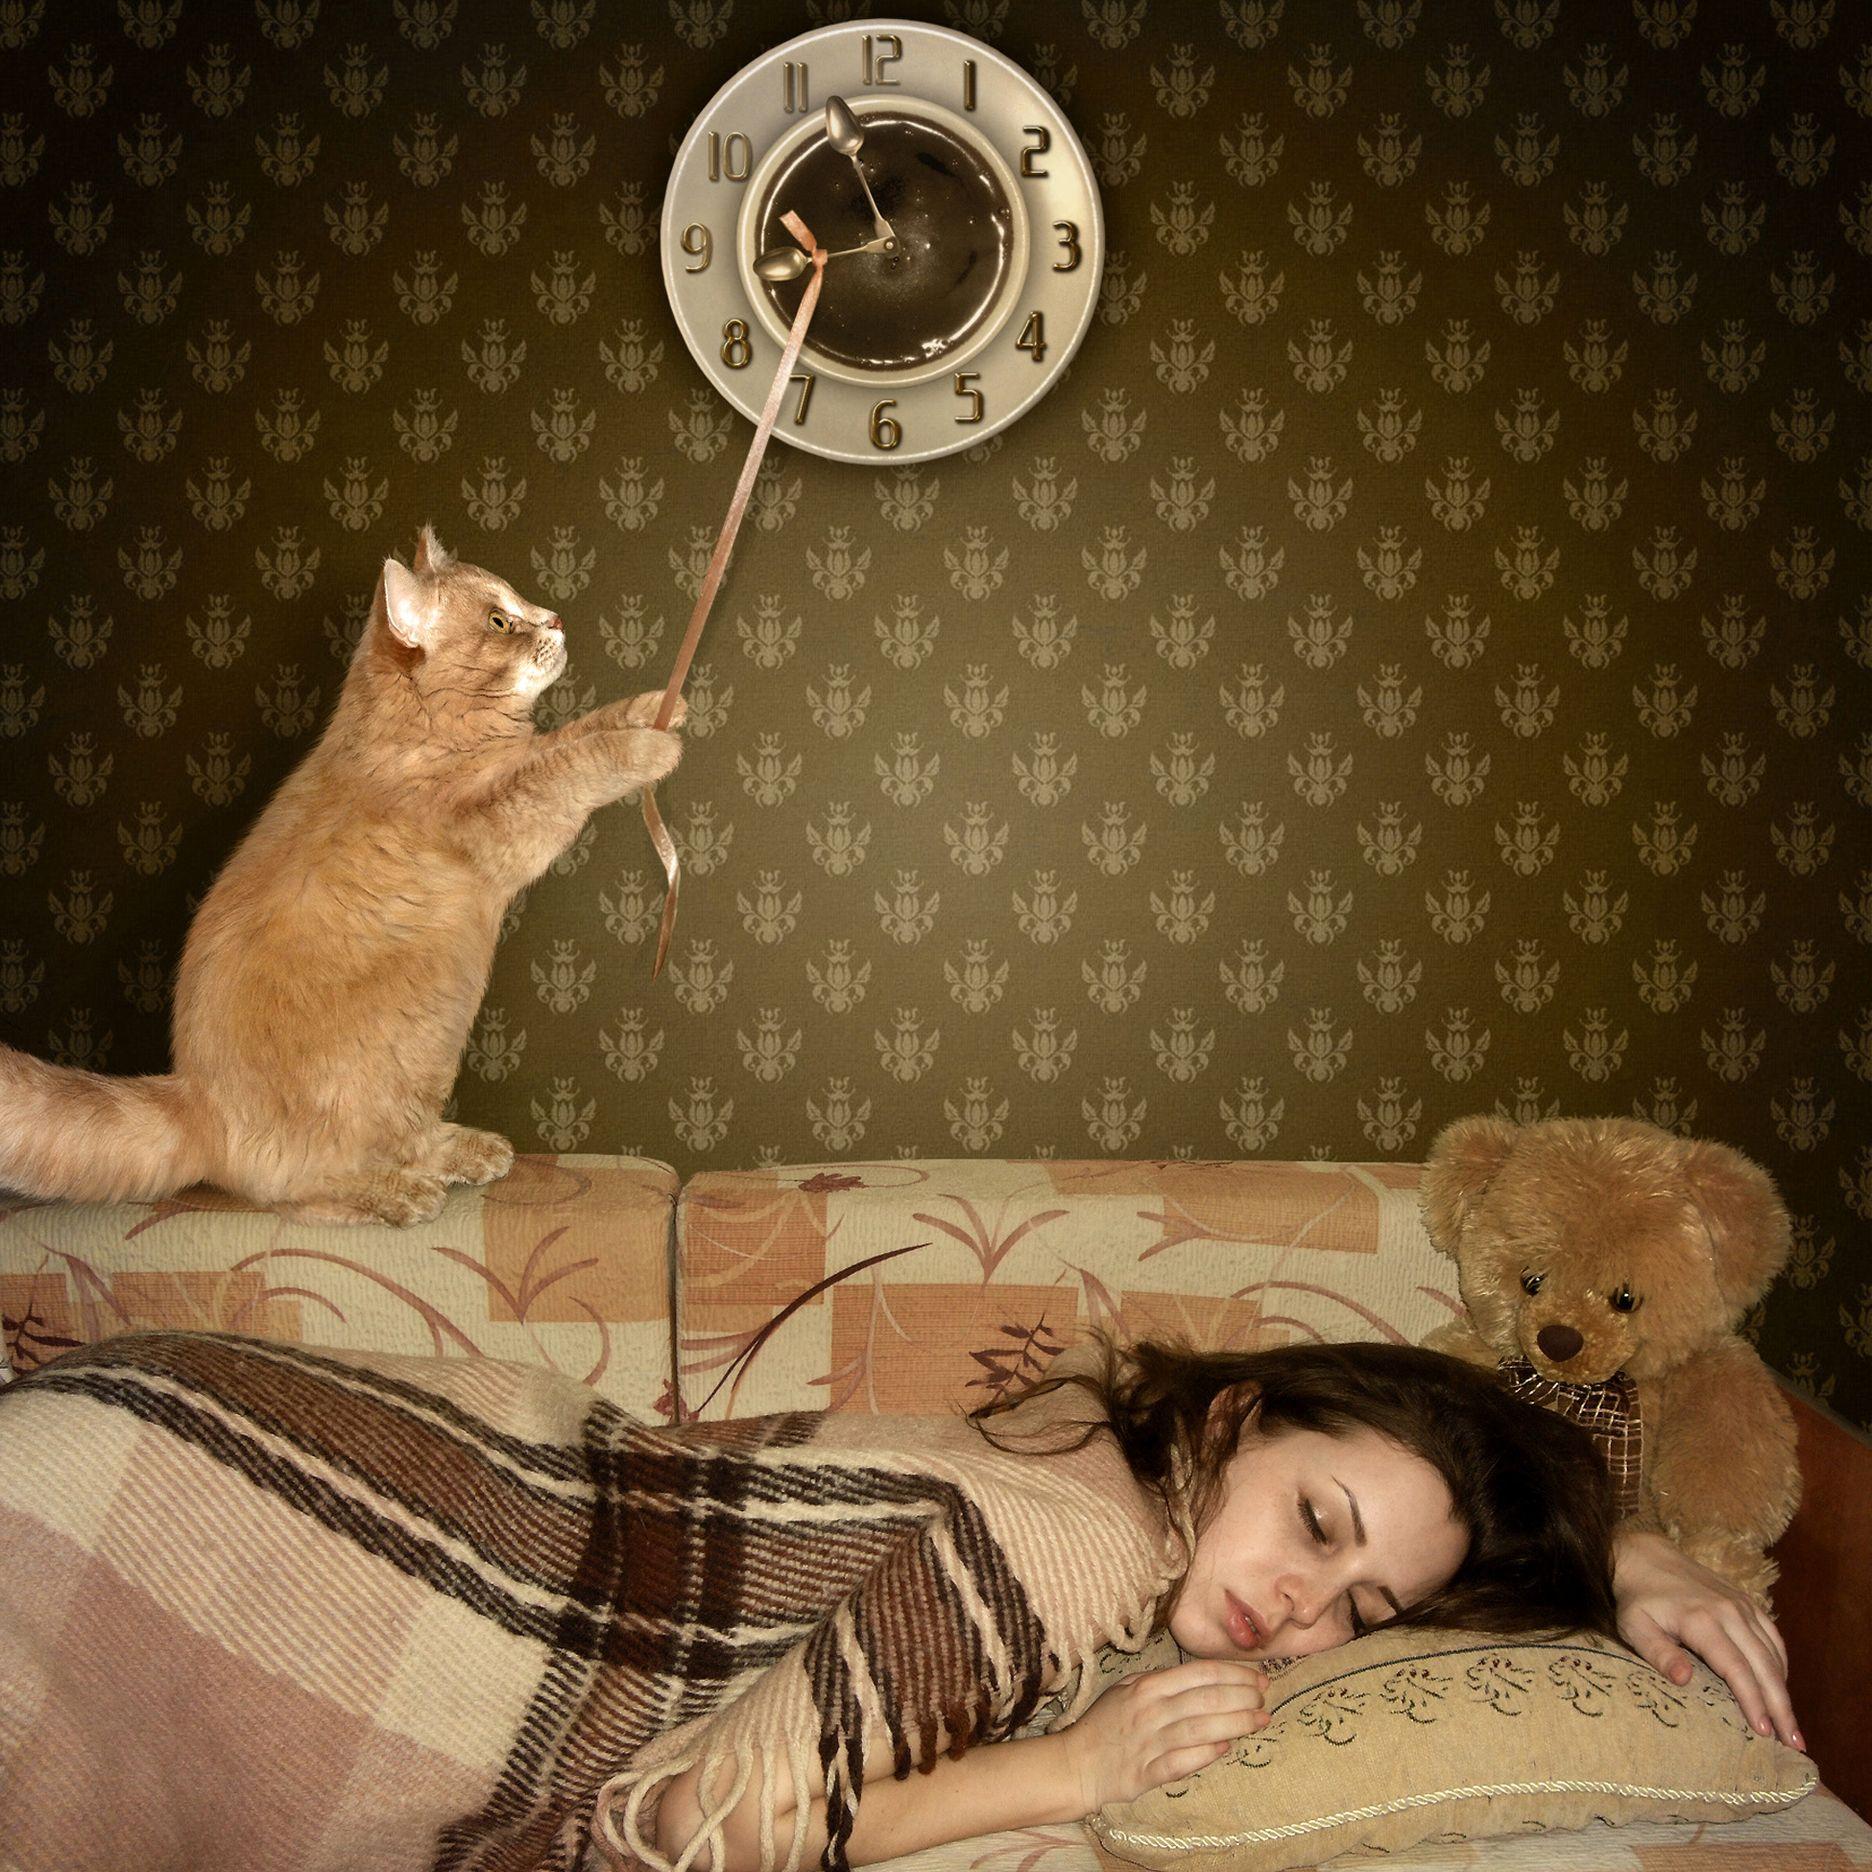 прикольные картинки со спящими для